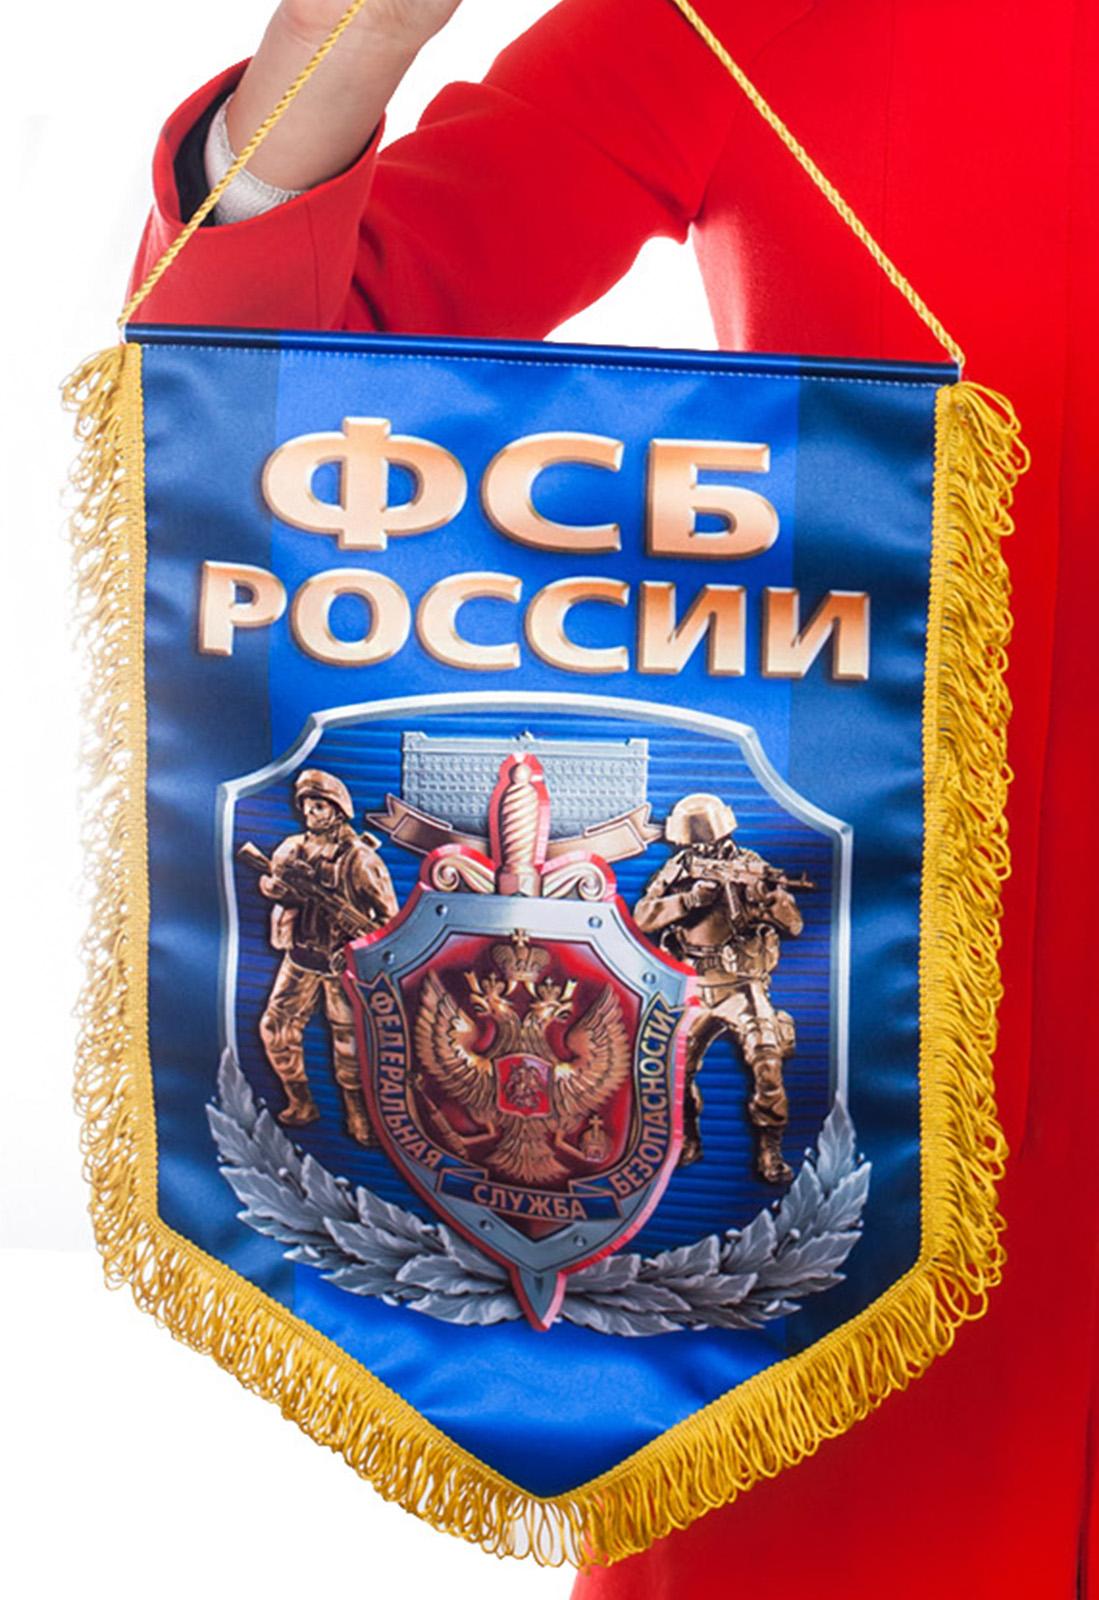 Заказать вымпел ФСБ России высокого качества изготовления